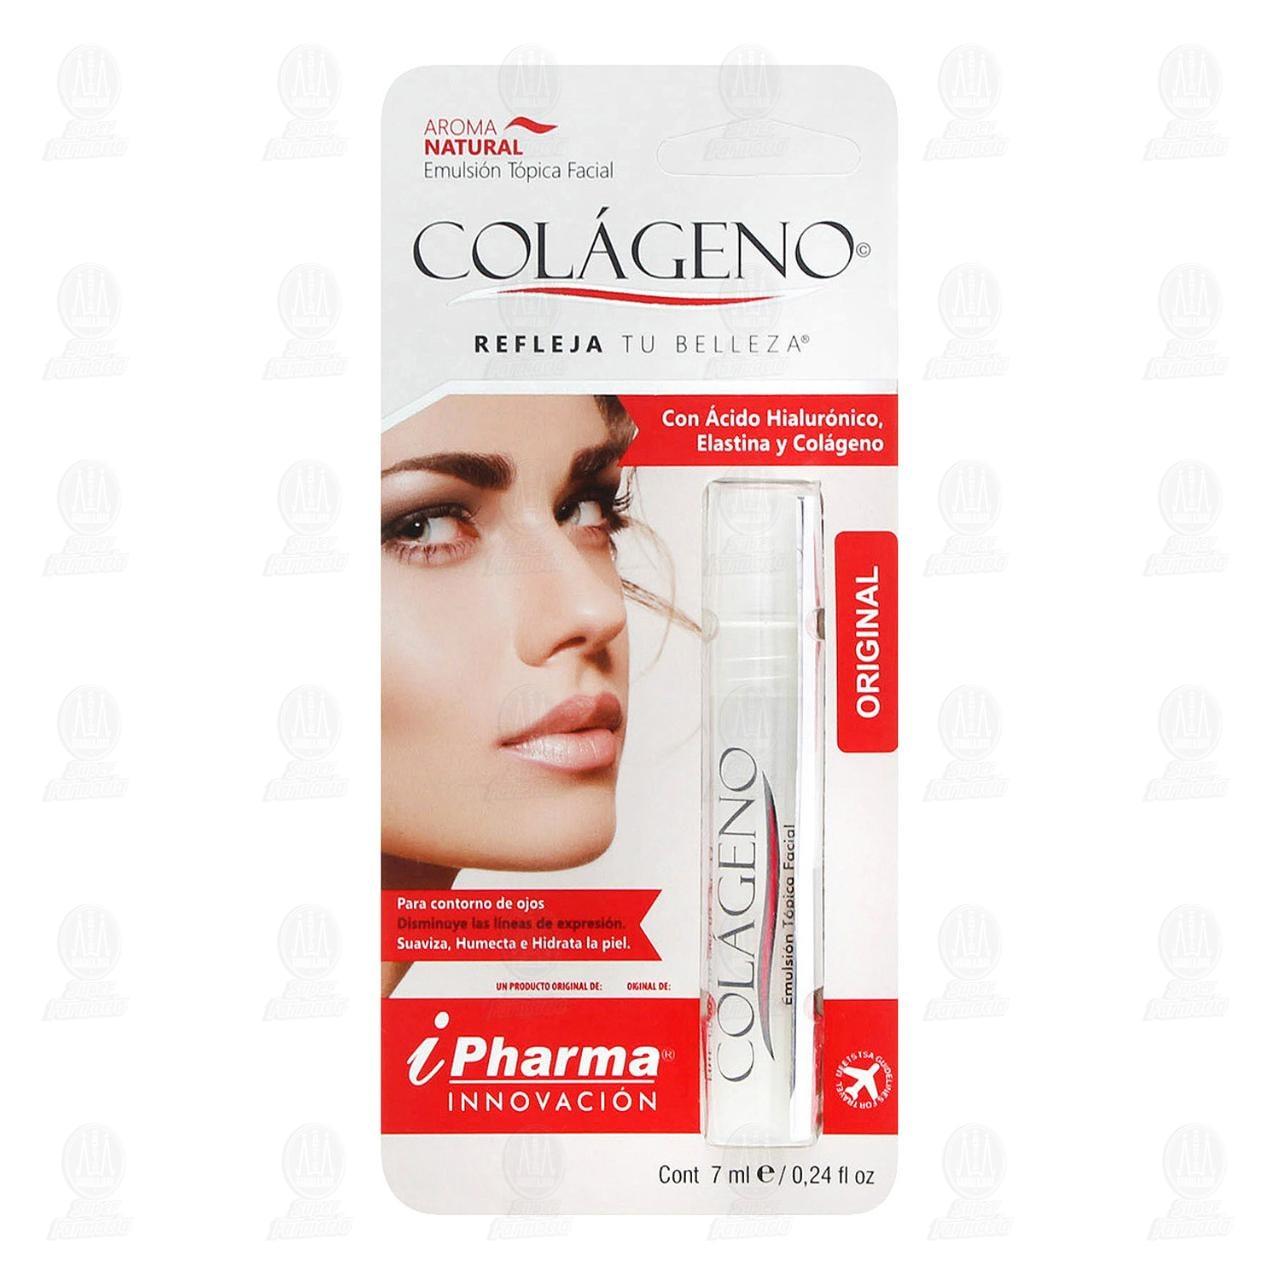 Comprar Colágeno Tópico 7ml Tubo Dosificador Blíster en Farmacias Guadalajara